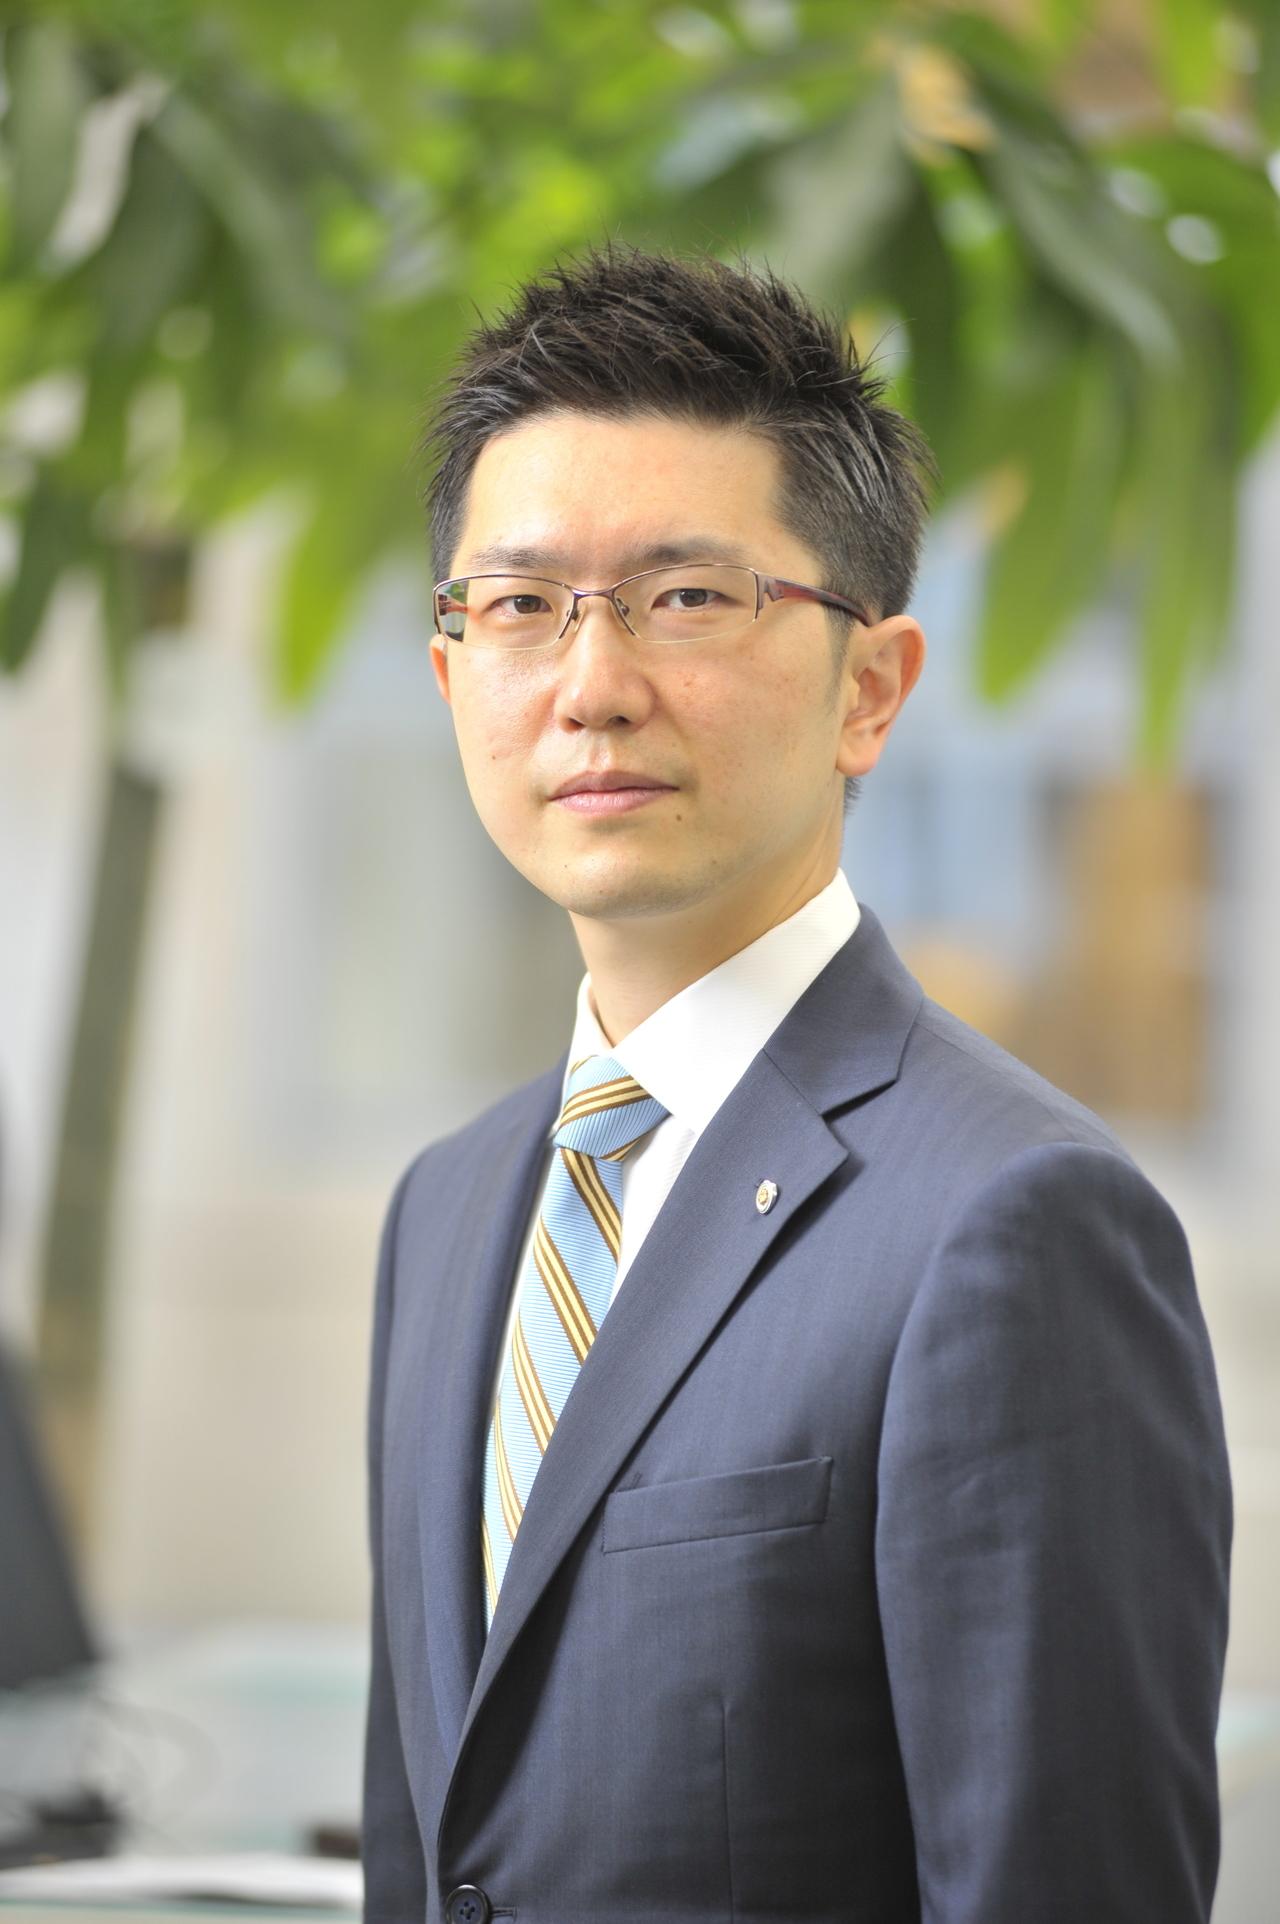 播司法書士事務所 所長/司法書士 播 康雄